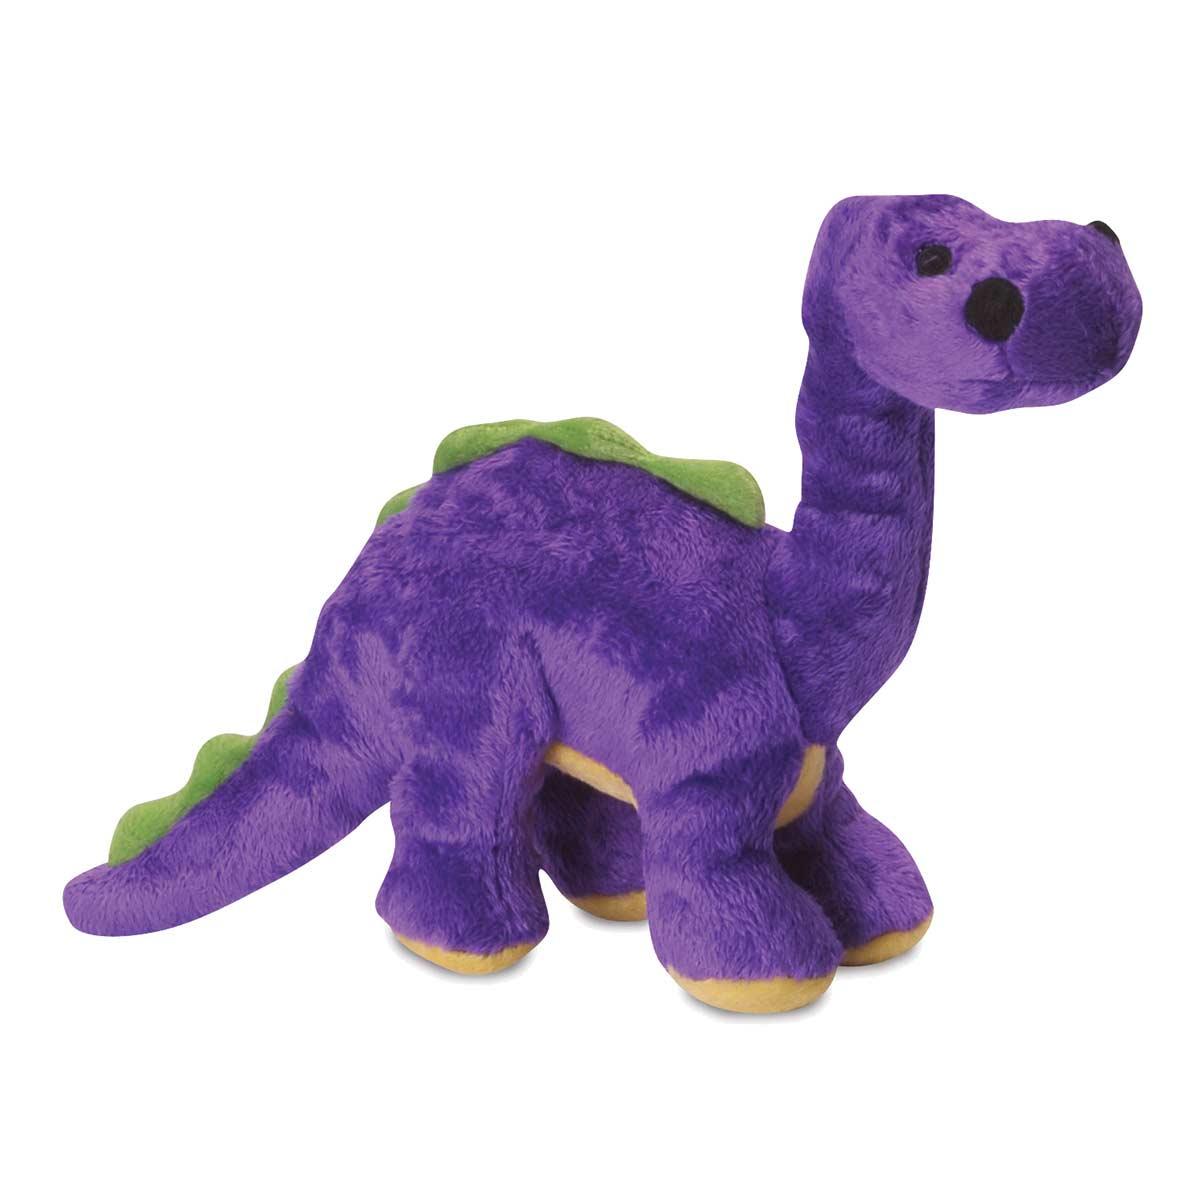 goDog Dinos Large Grunts Large Bruto Doy Toy 16.5 inches